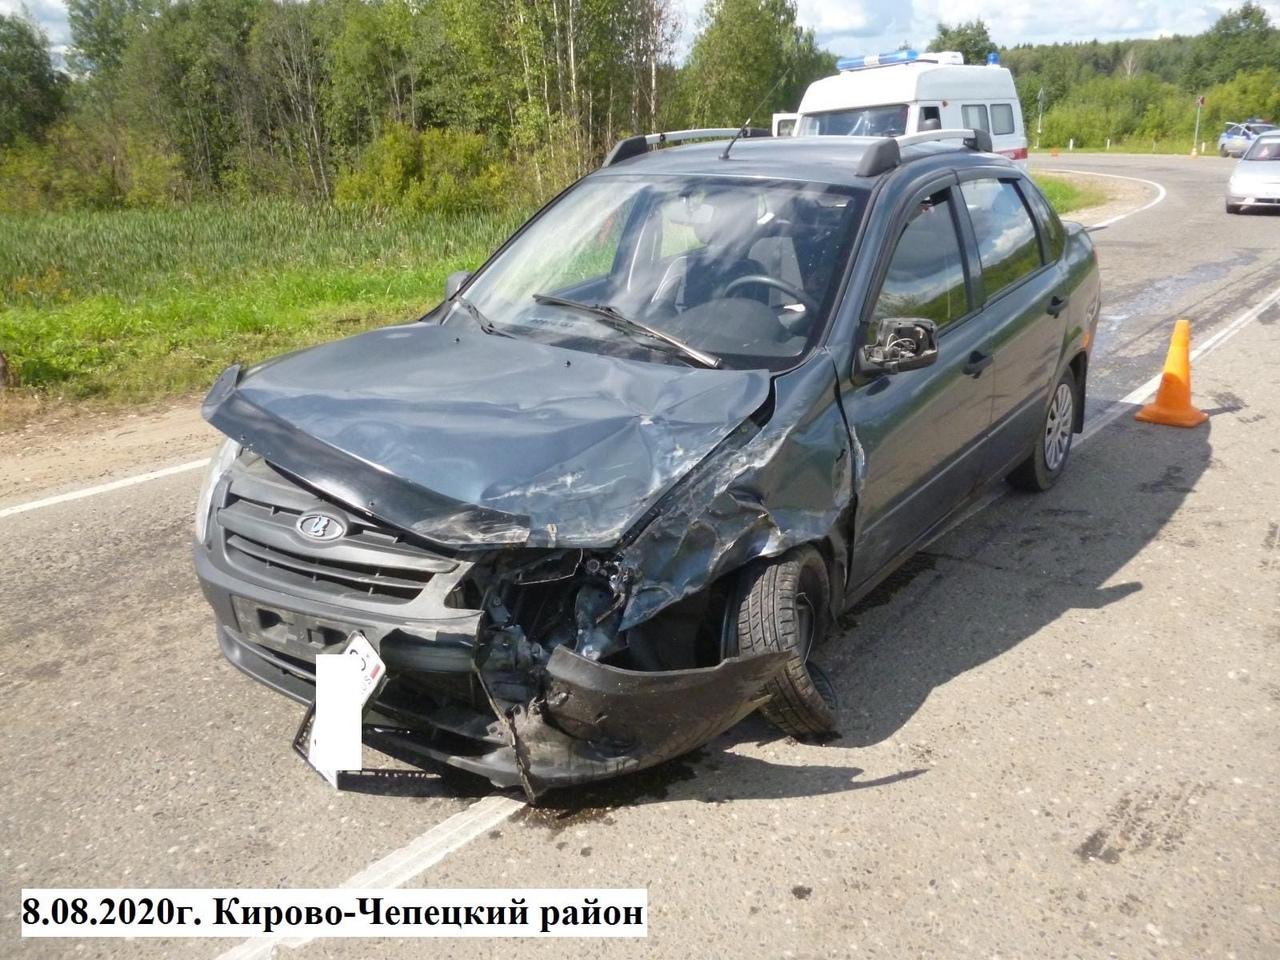 В Кирово-Чепецком районе лоб в лоб столкнулись два ВАЗа: есть пострадавшие